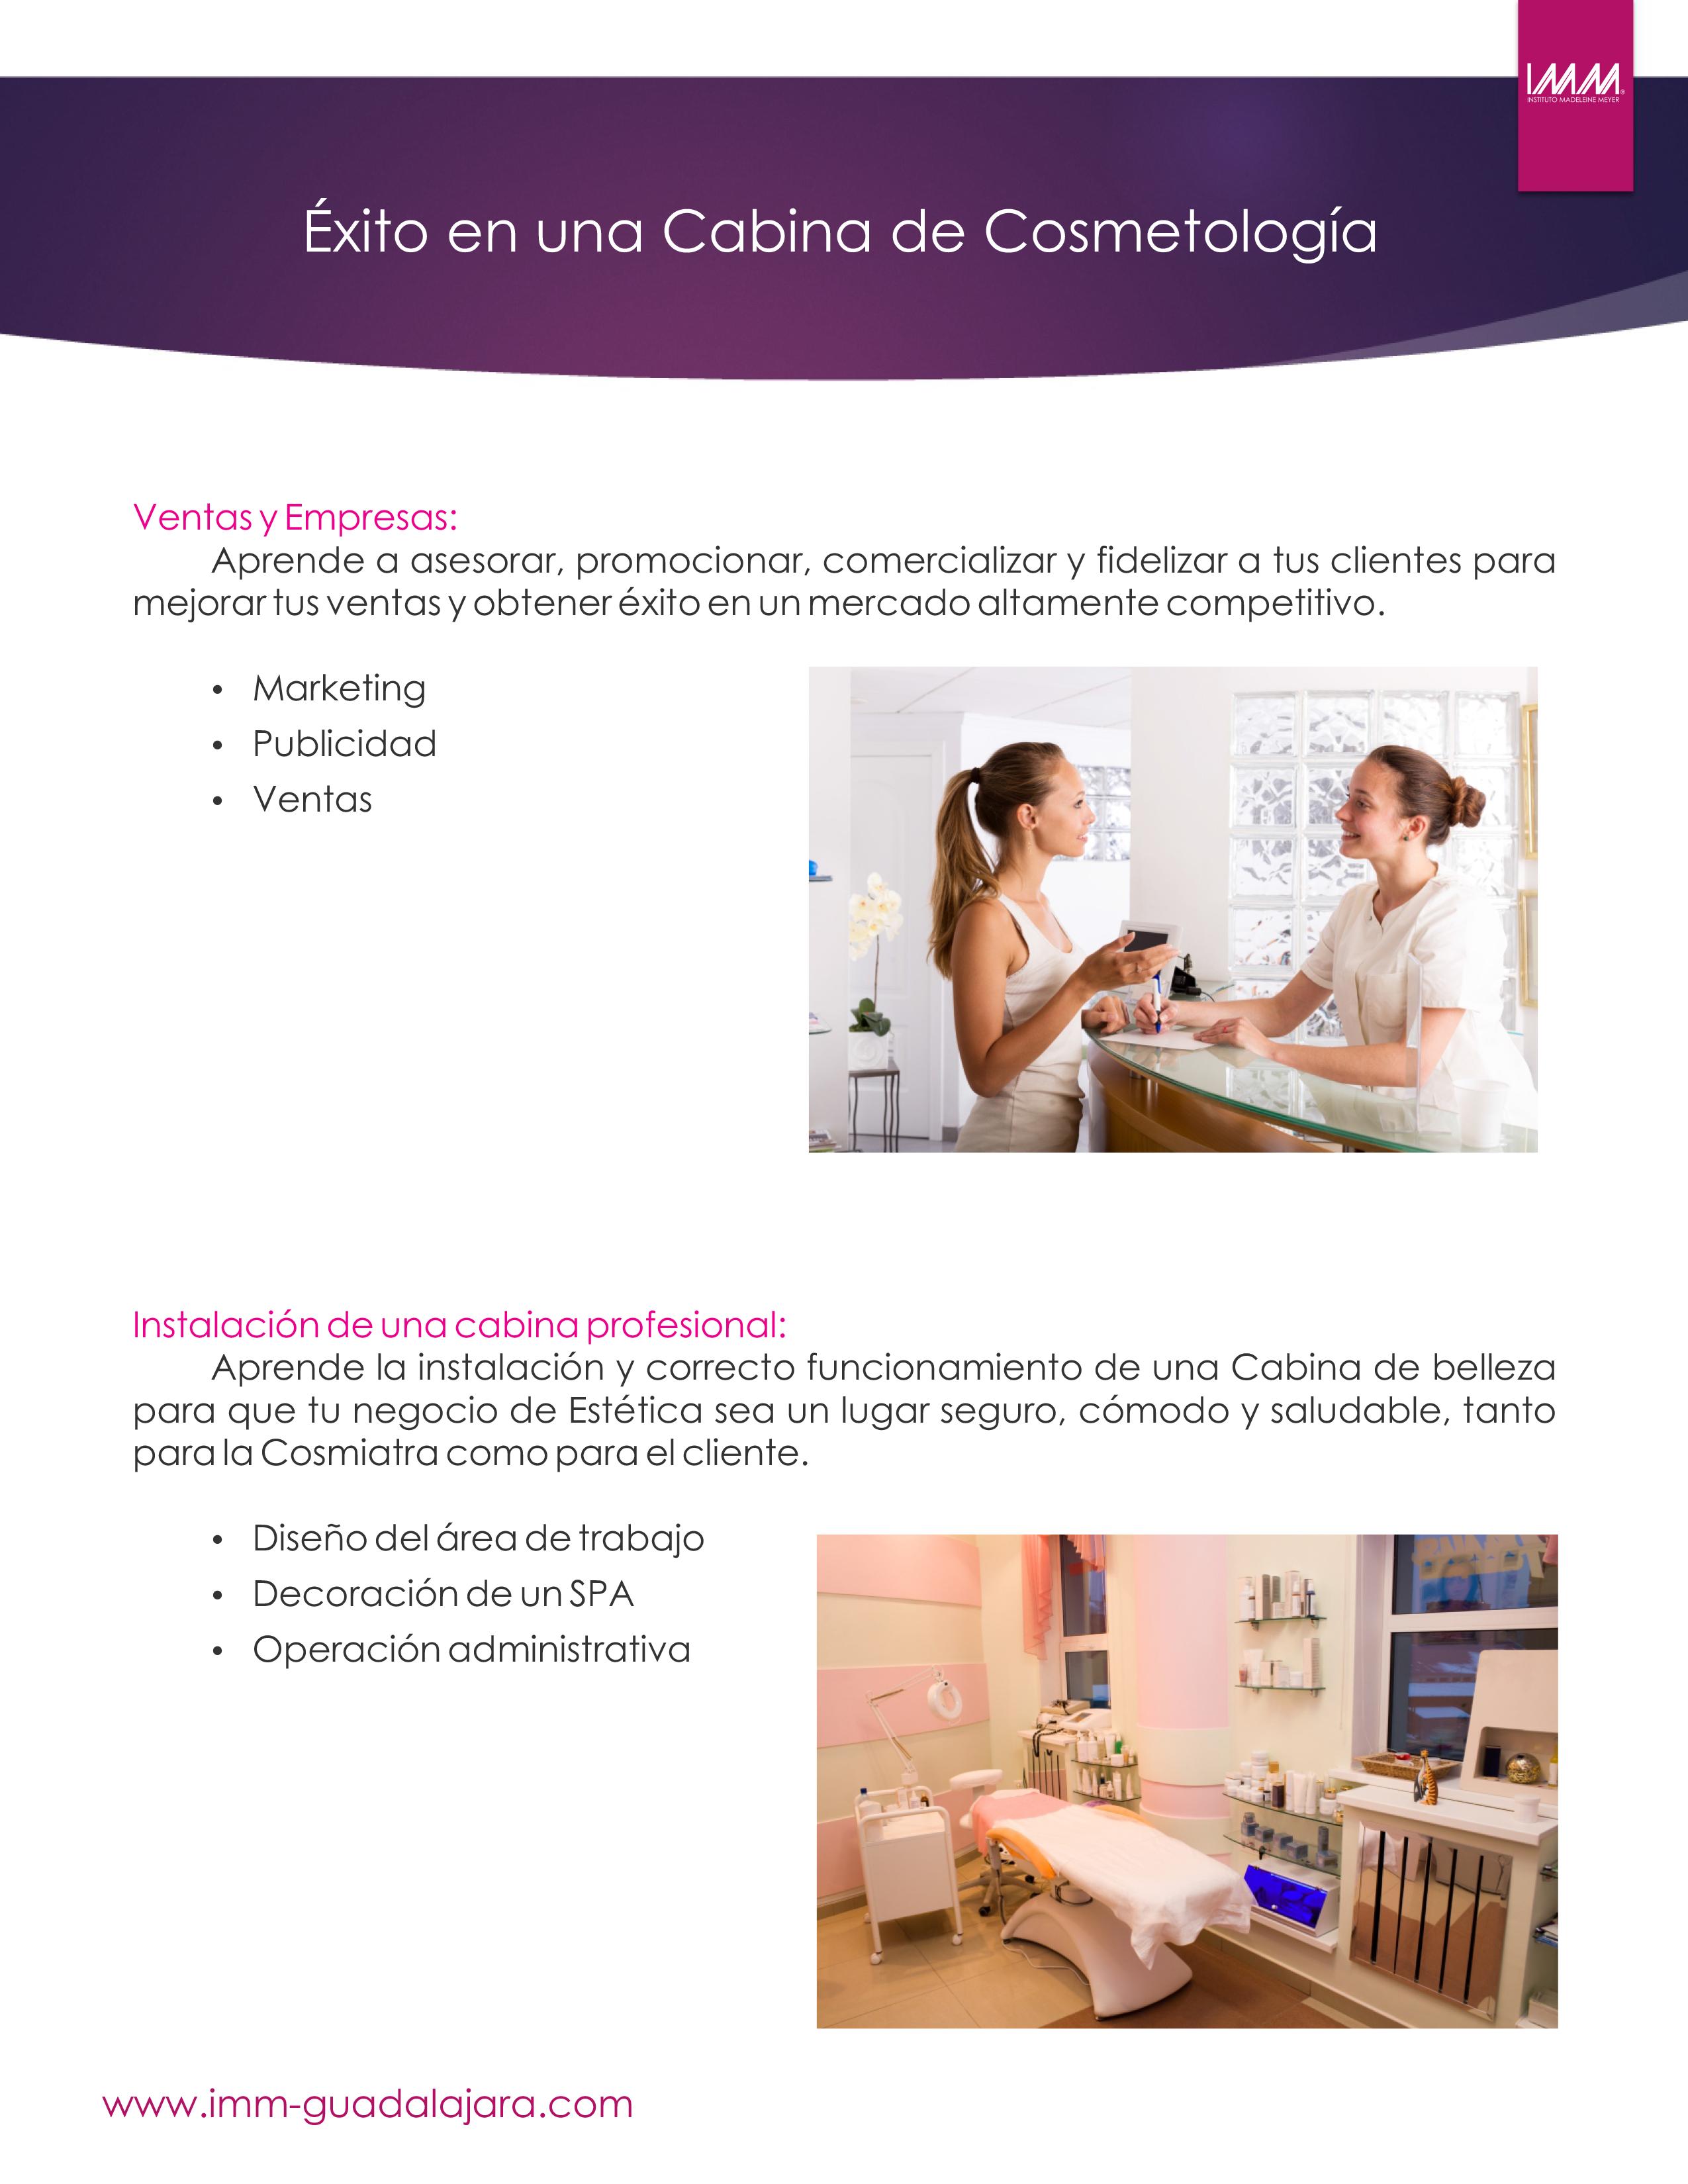 IMM-PlandeEstudios-AVANZADO-2018-3